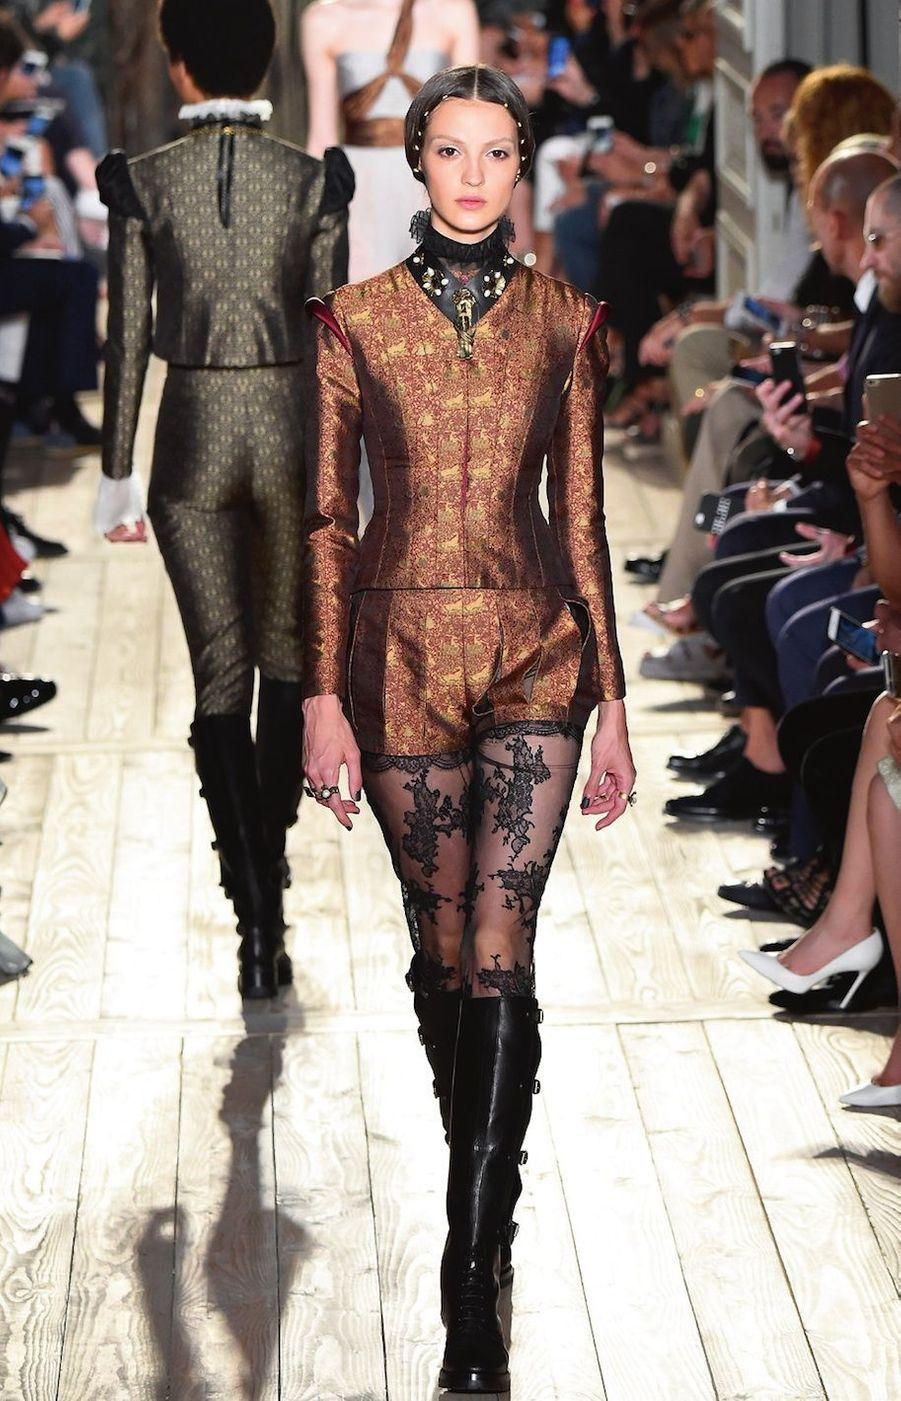 Comme un saut dans l'histoire, la grande, celle de la cour élisabéthaine à la fin du XVIe siècle. Pour célébrer les 400 ans de la mort de Shakespeare, Valentino a créé une collection en teintes sombres et intenses. Cols fraises, manches creusées, tissus moirés et teint d'opale : sur le podium, au son de « Roméo et Juliette » de Prokoviev, des courtisanes d'aujourd'hui en bottes cavalières défilent comme des apparitions d'hier.